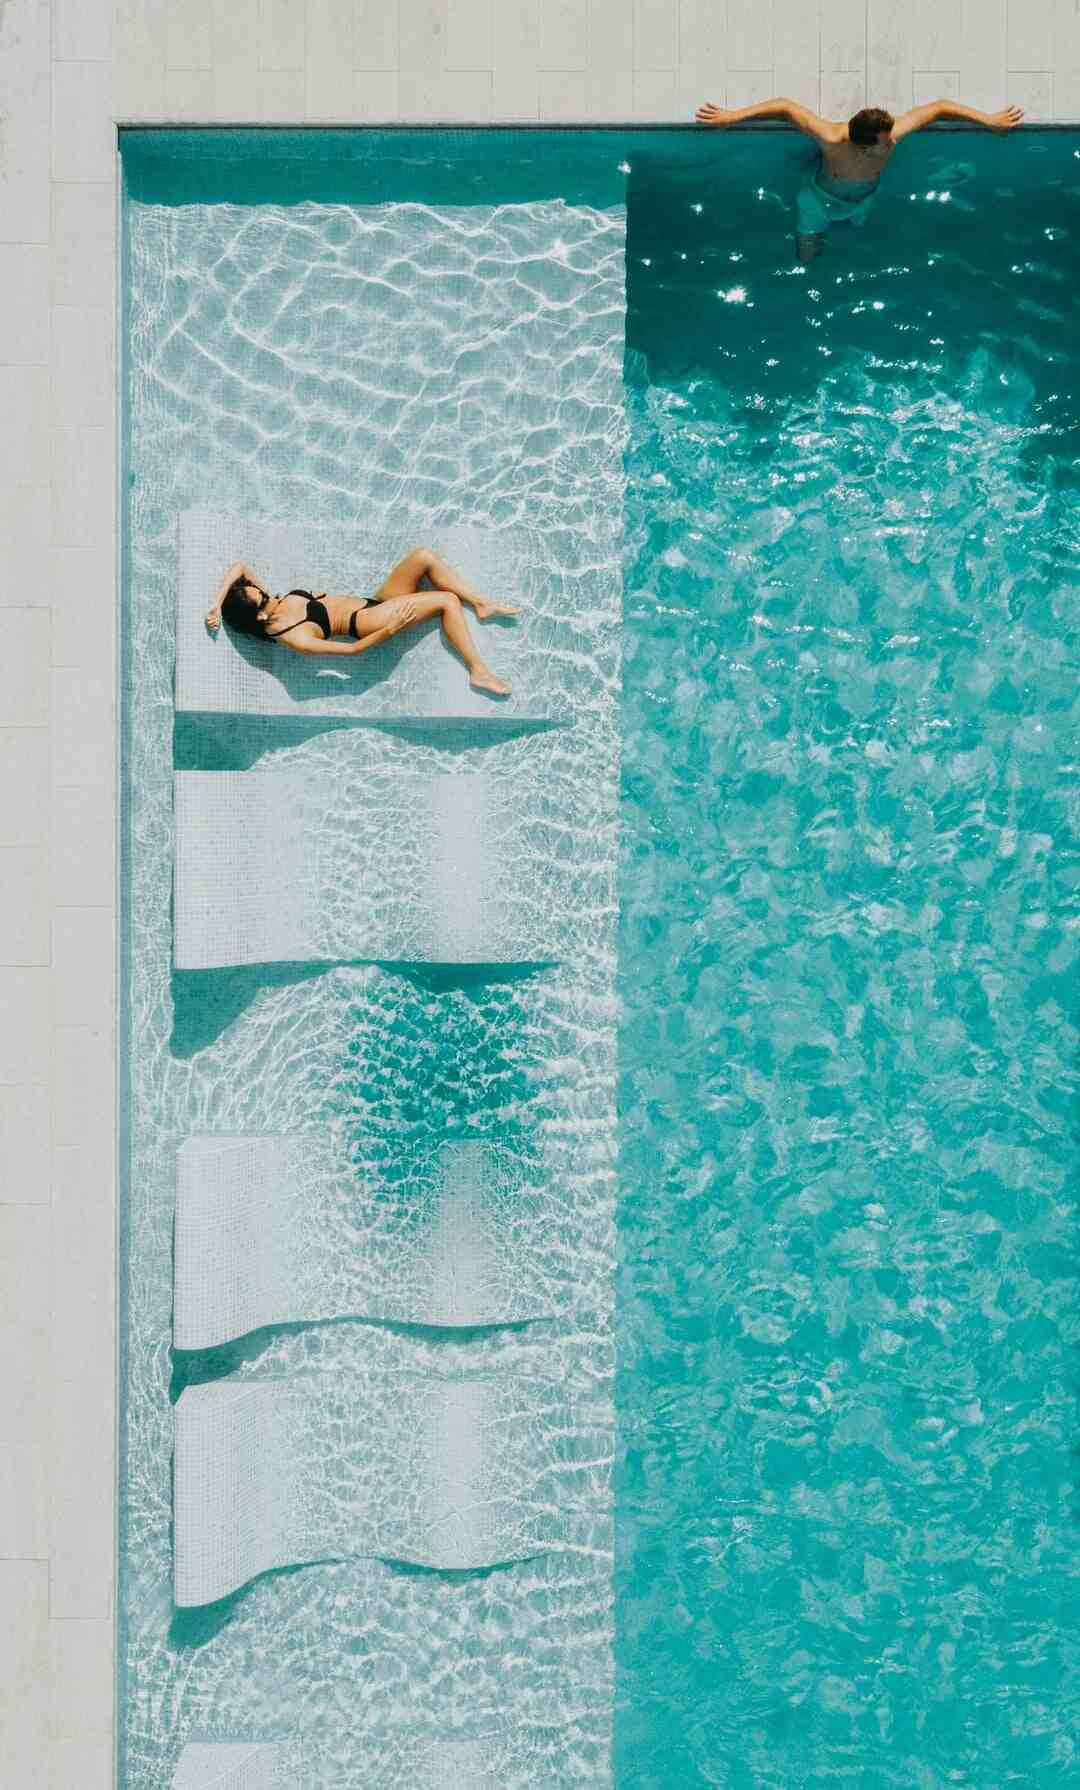 Comment chauffer l'eau de la piscine rapidement ?